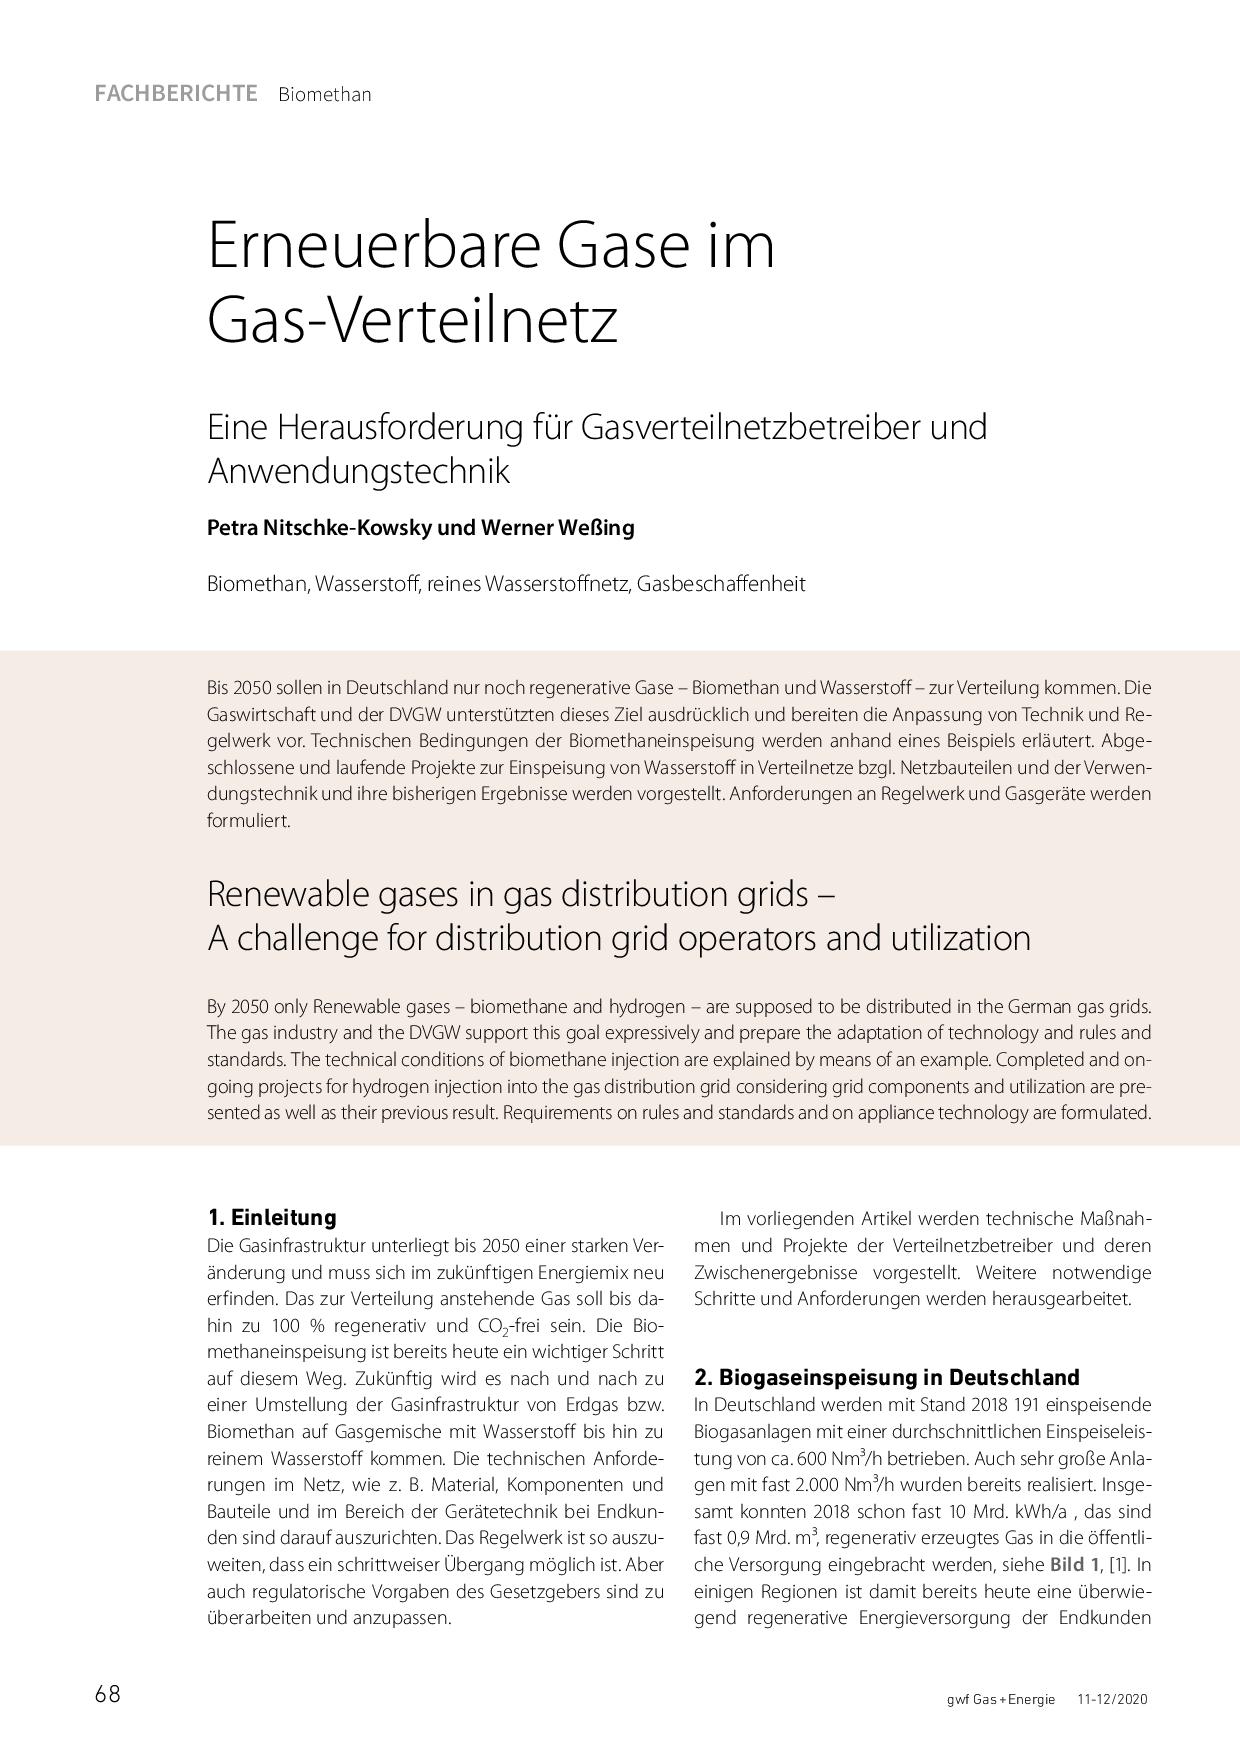 Erneuerbare Gase im Gas-Verteilnetz